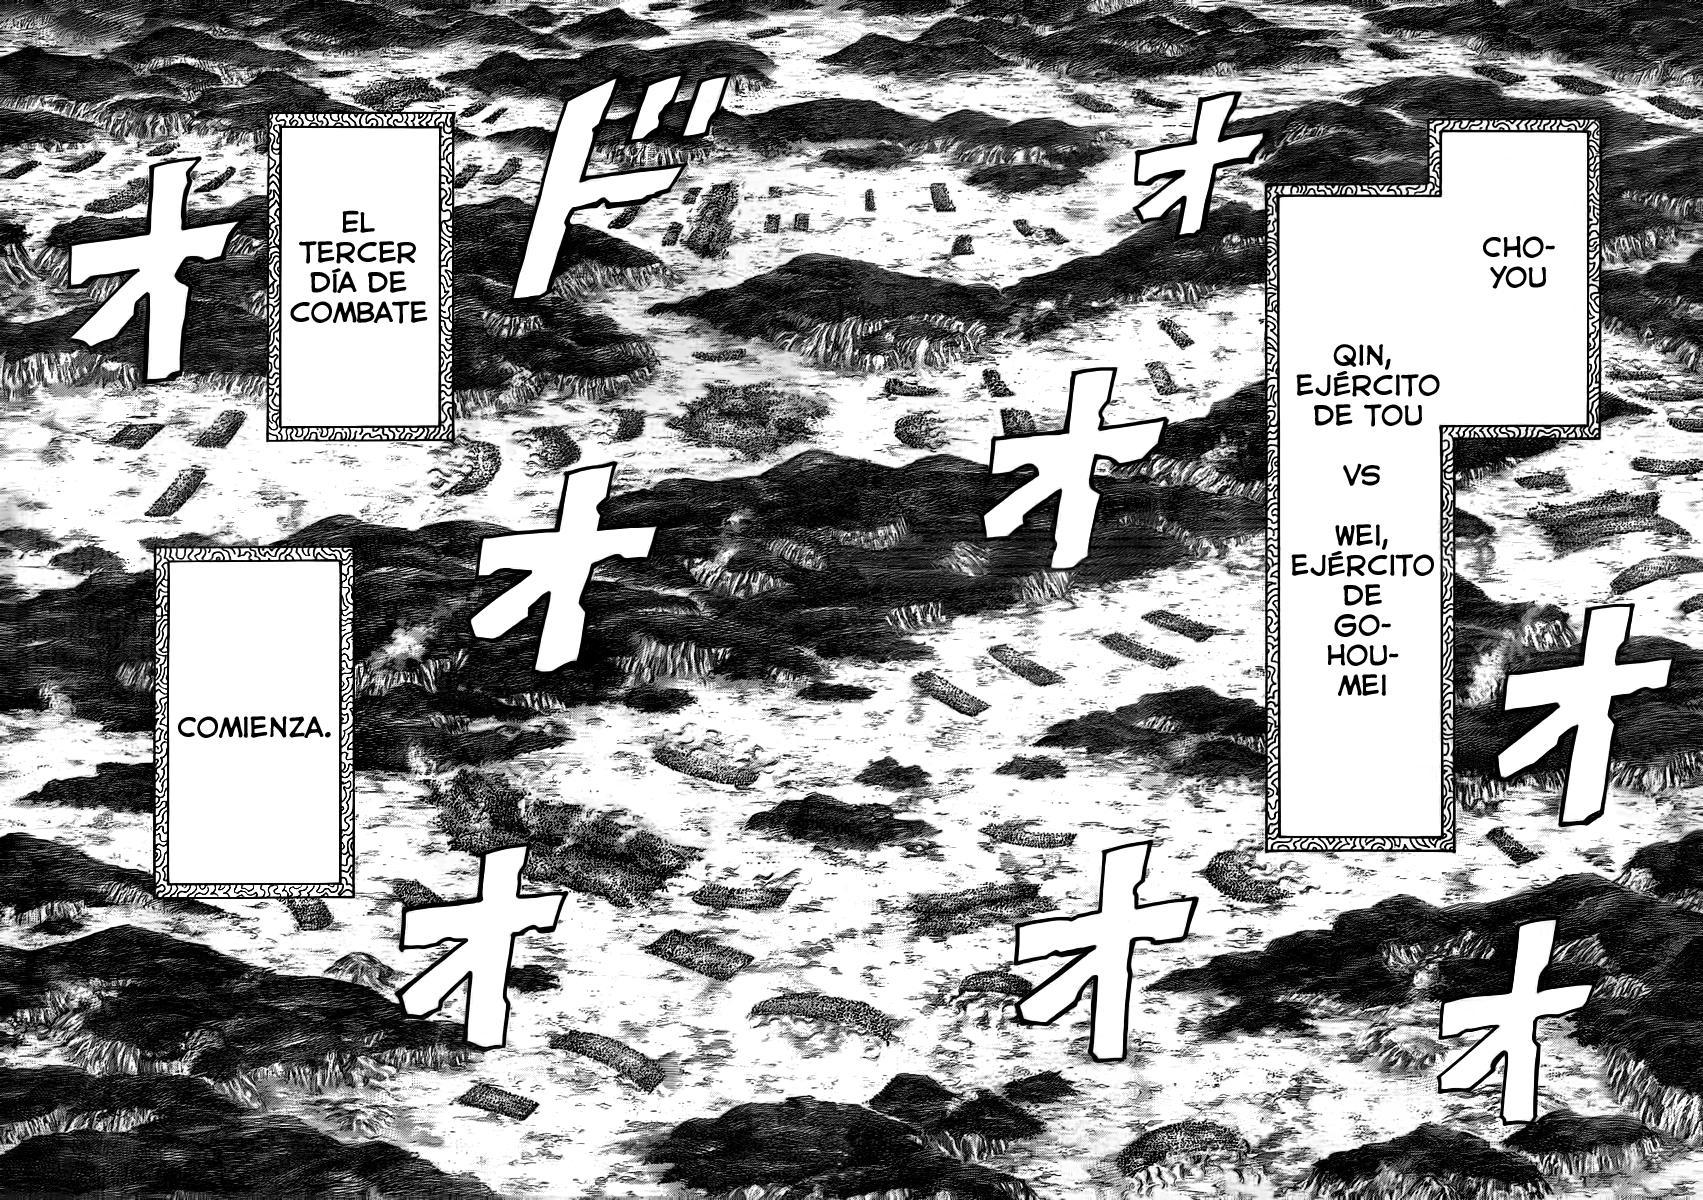 http://c5.ninemanga.com/es_manga/19/12307/360955/2e5996f9dfd1f117c1b60a9c57e6ced9.jpg Page 9